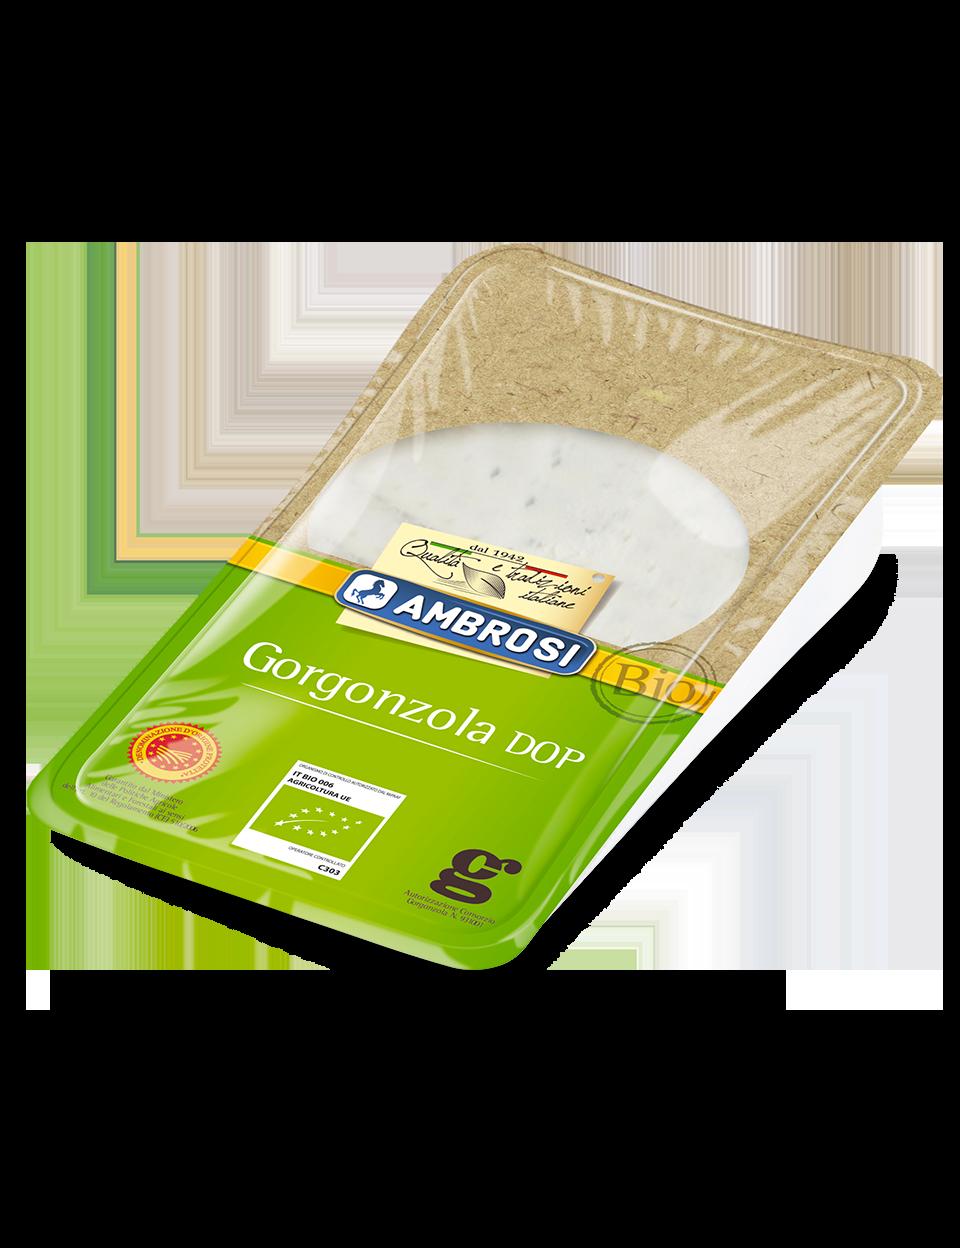 Gorgonzola Bio